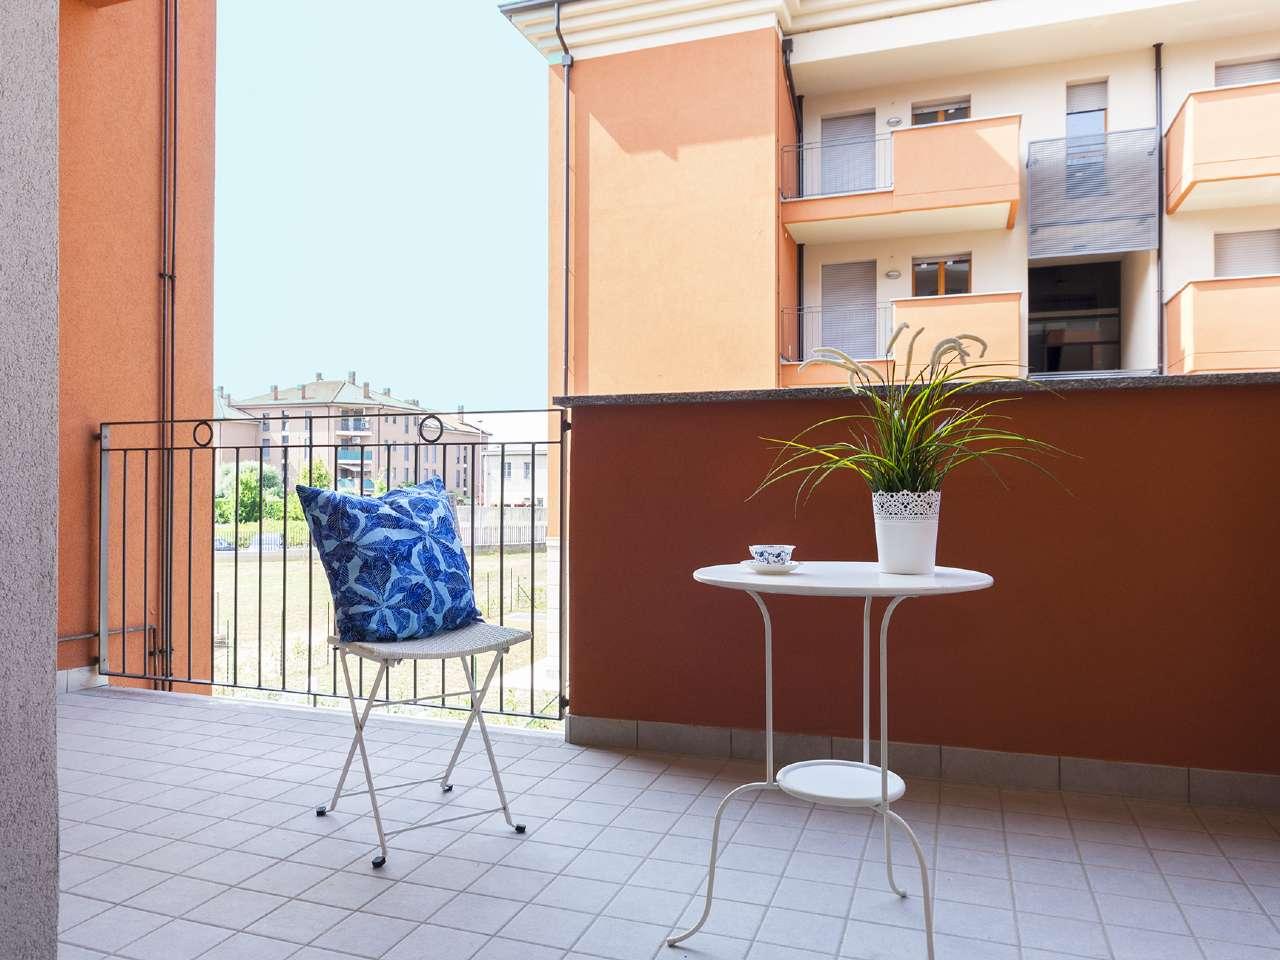 Appartamento in vendita a Sulbiate, 3 locali, prezzo € 143.000 | CambioCasa.it